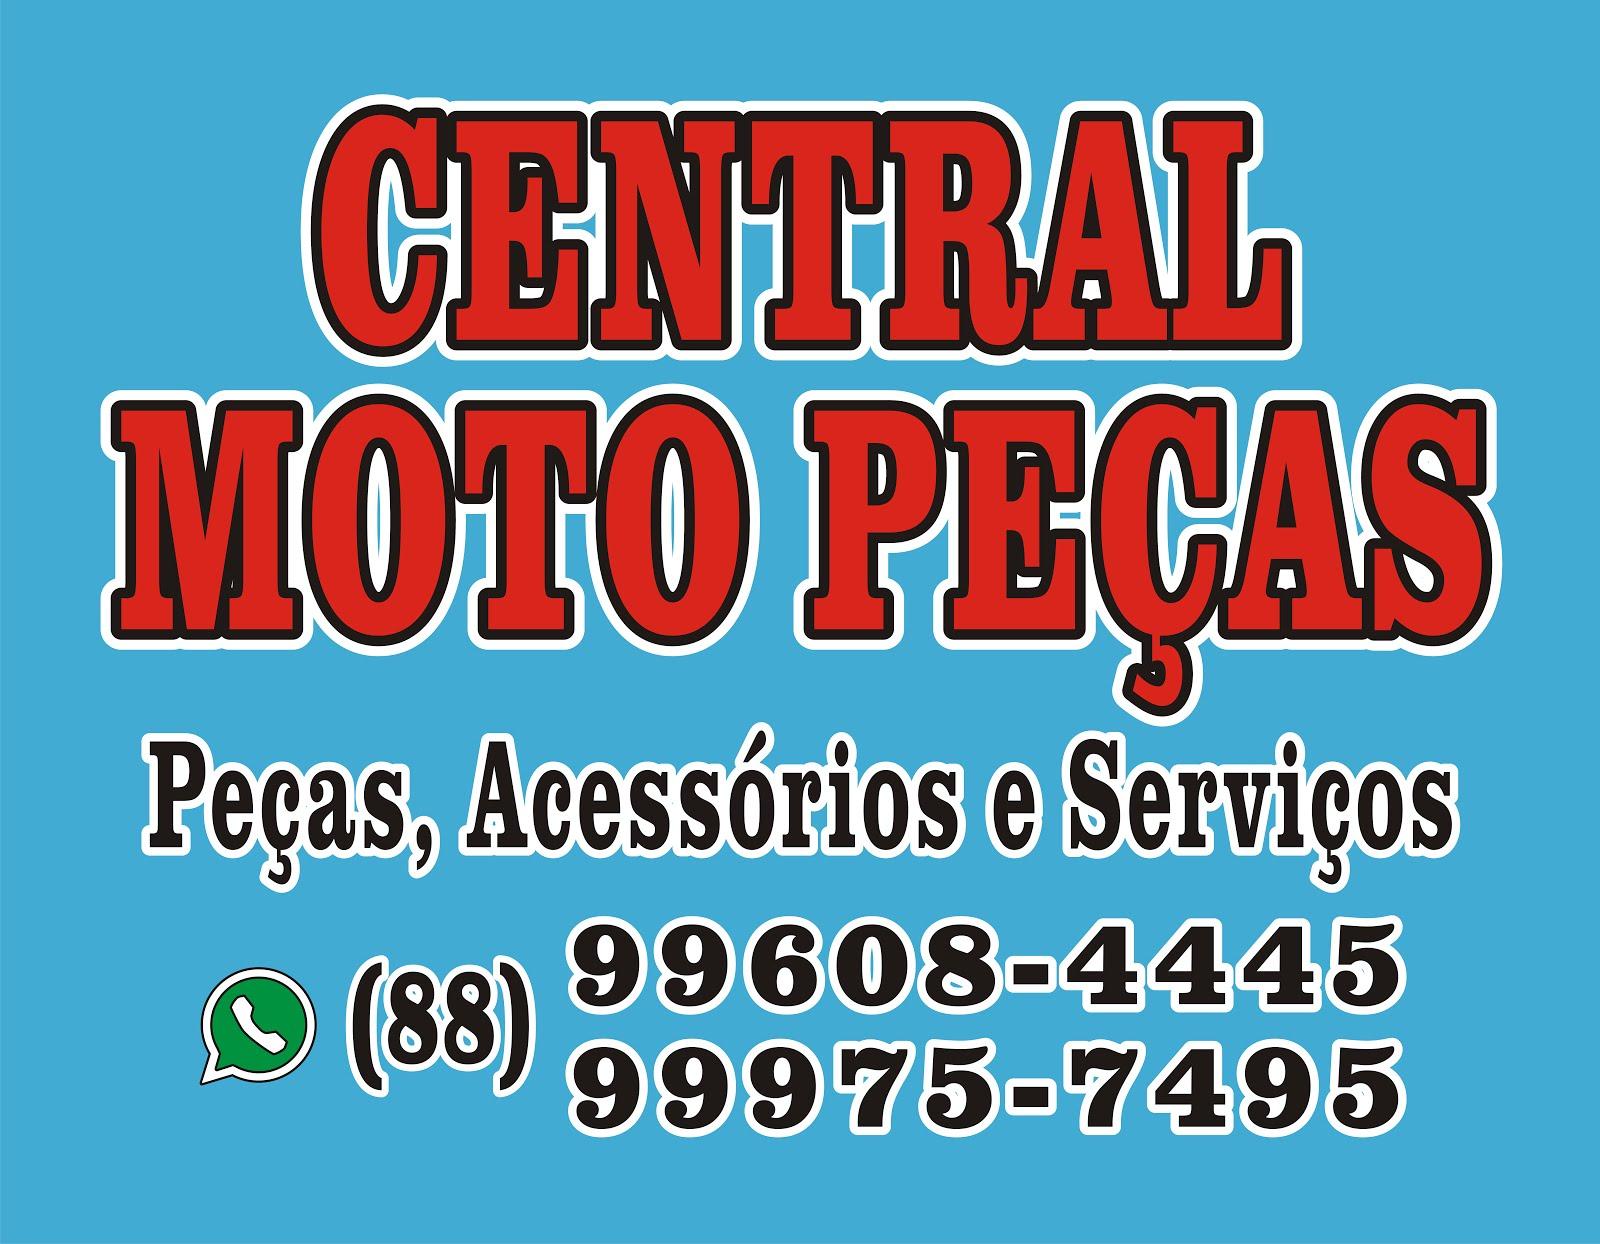 Central Moto Peças. Org:. Balduino.